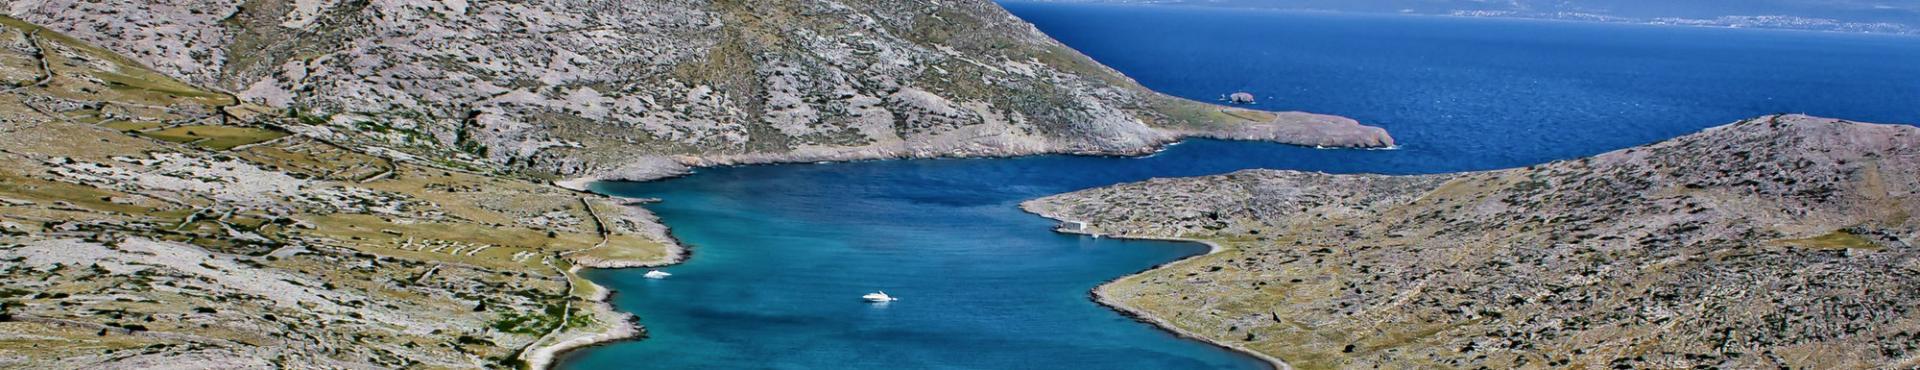 Adriatique nord